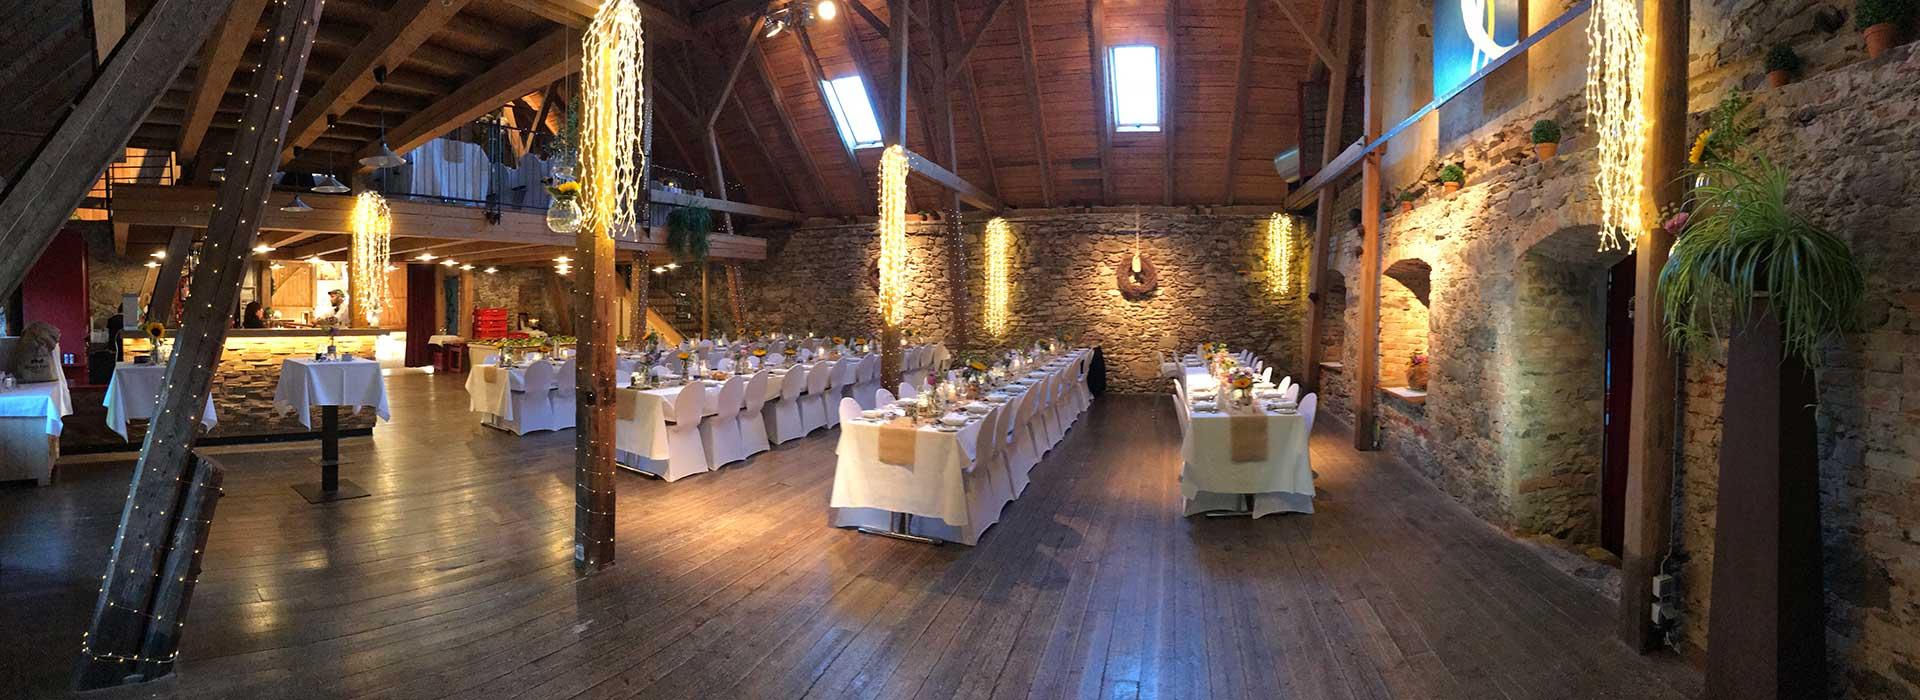 Oberpfalz hochzeitslocation Hochzeiten